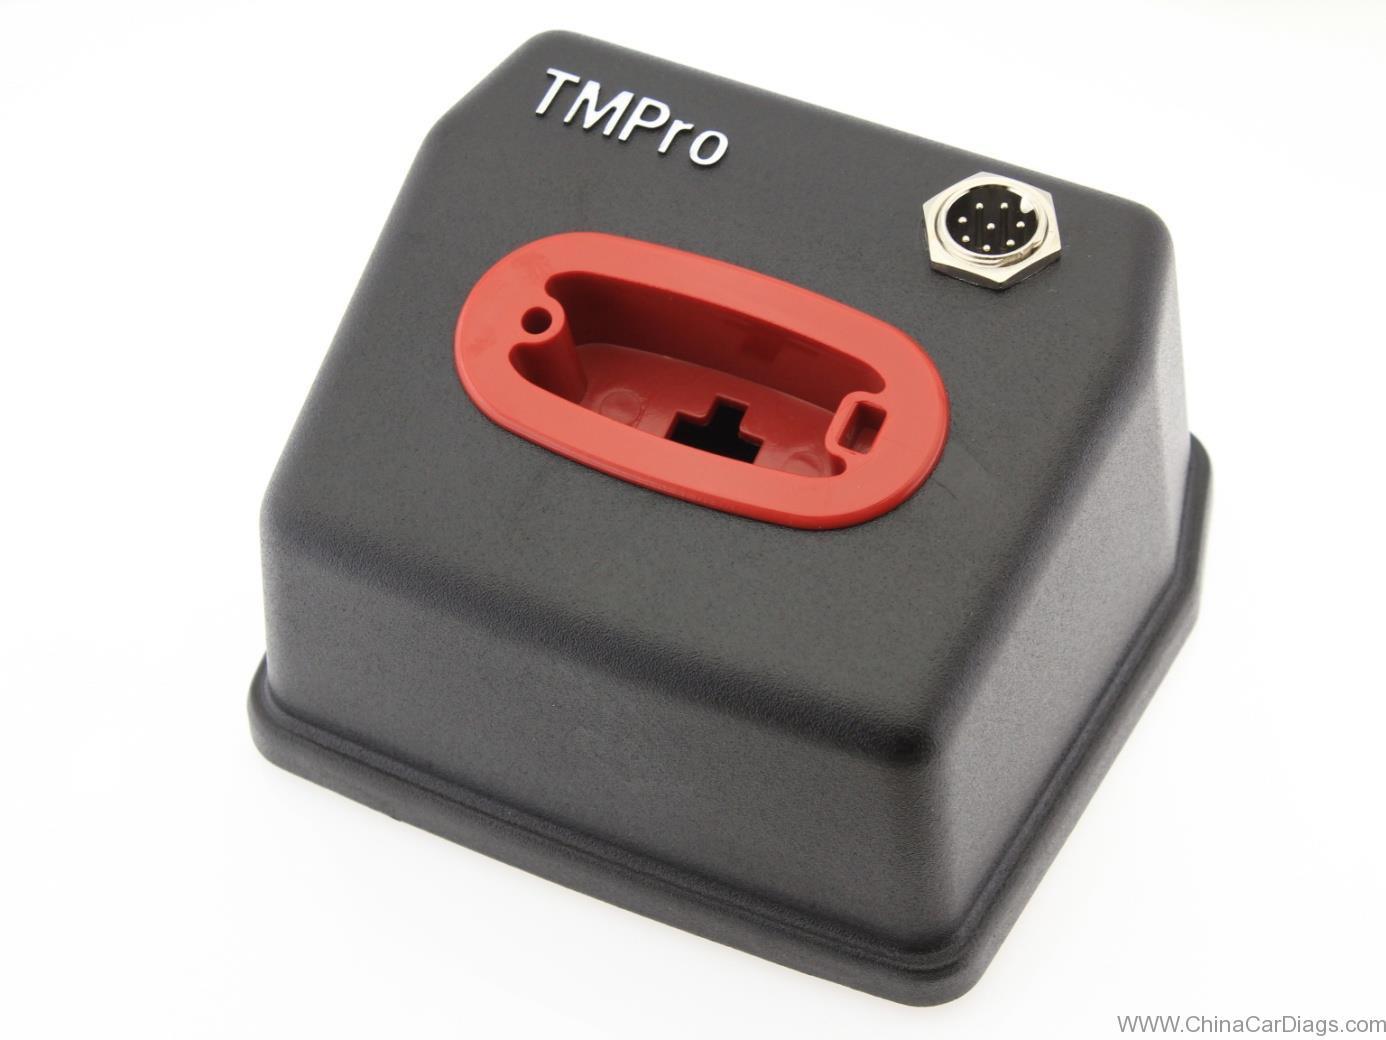 TMPRO2-hardware-update-18